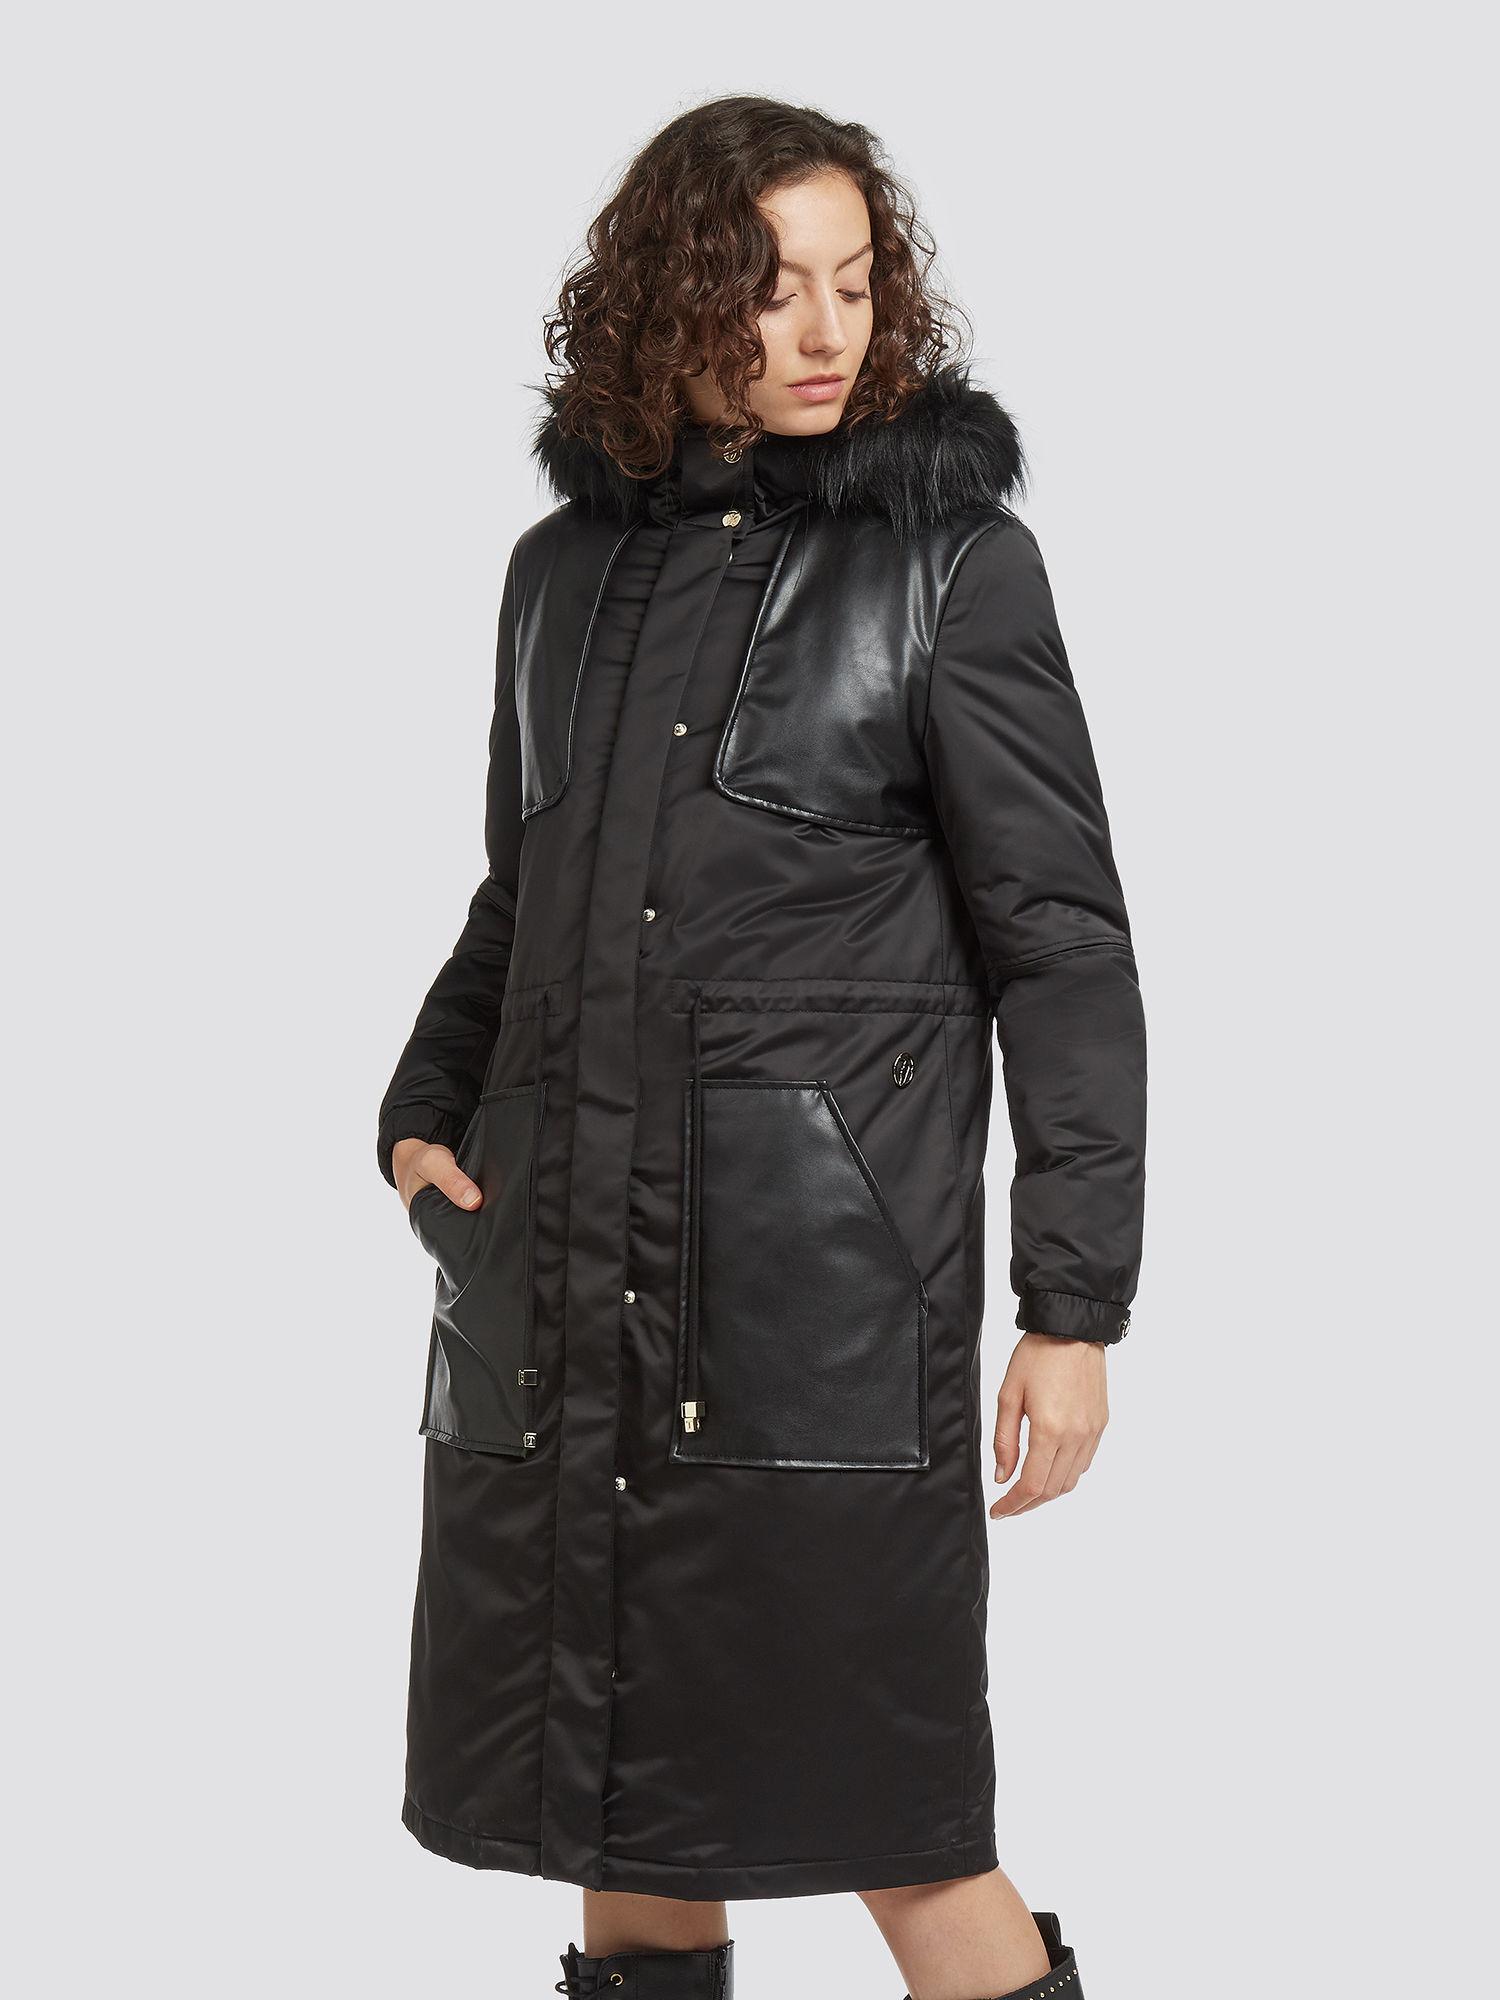 Prendas Mujer Prendas Prendas De Abrigo De De Mujer Abrigo Abrigo dqzzwvZpx1